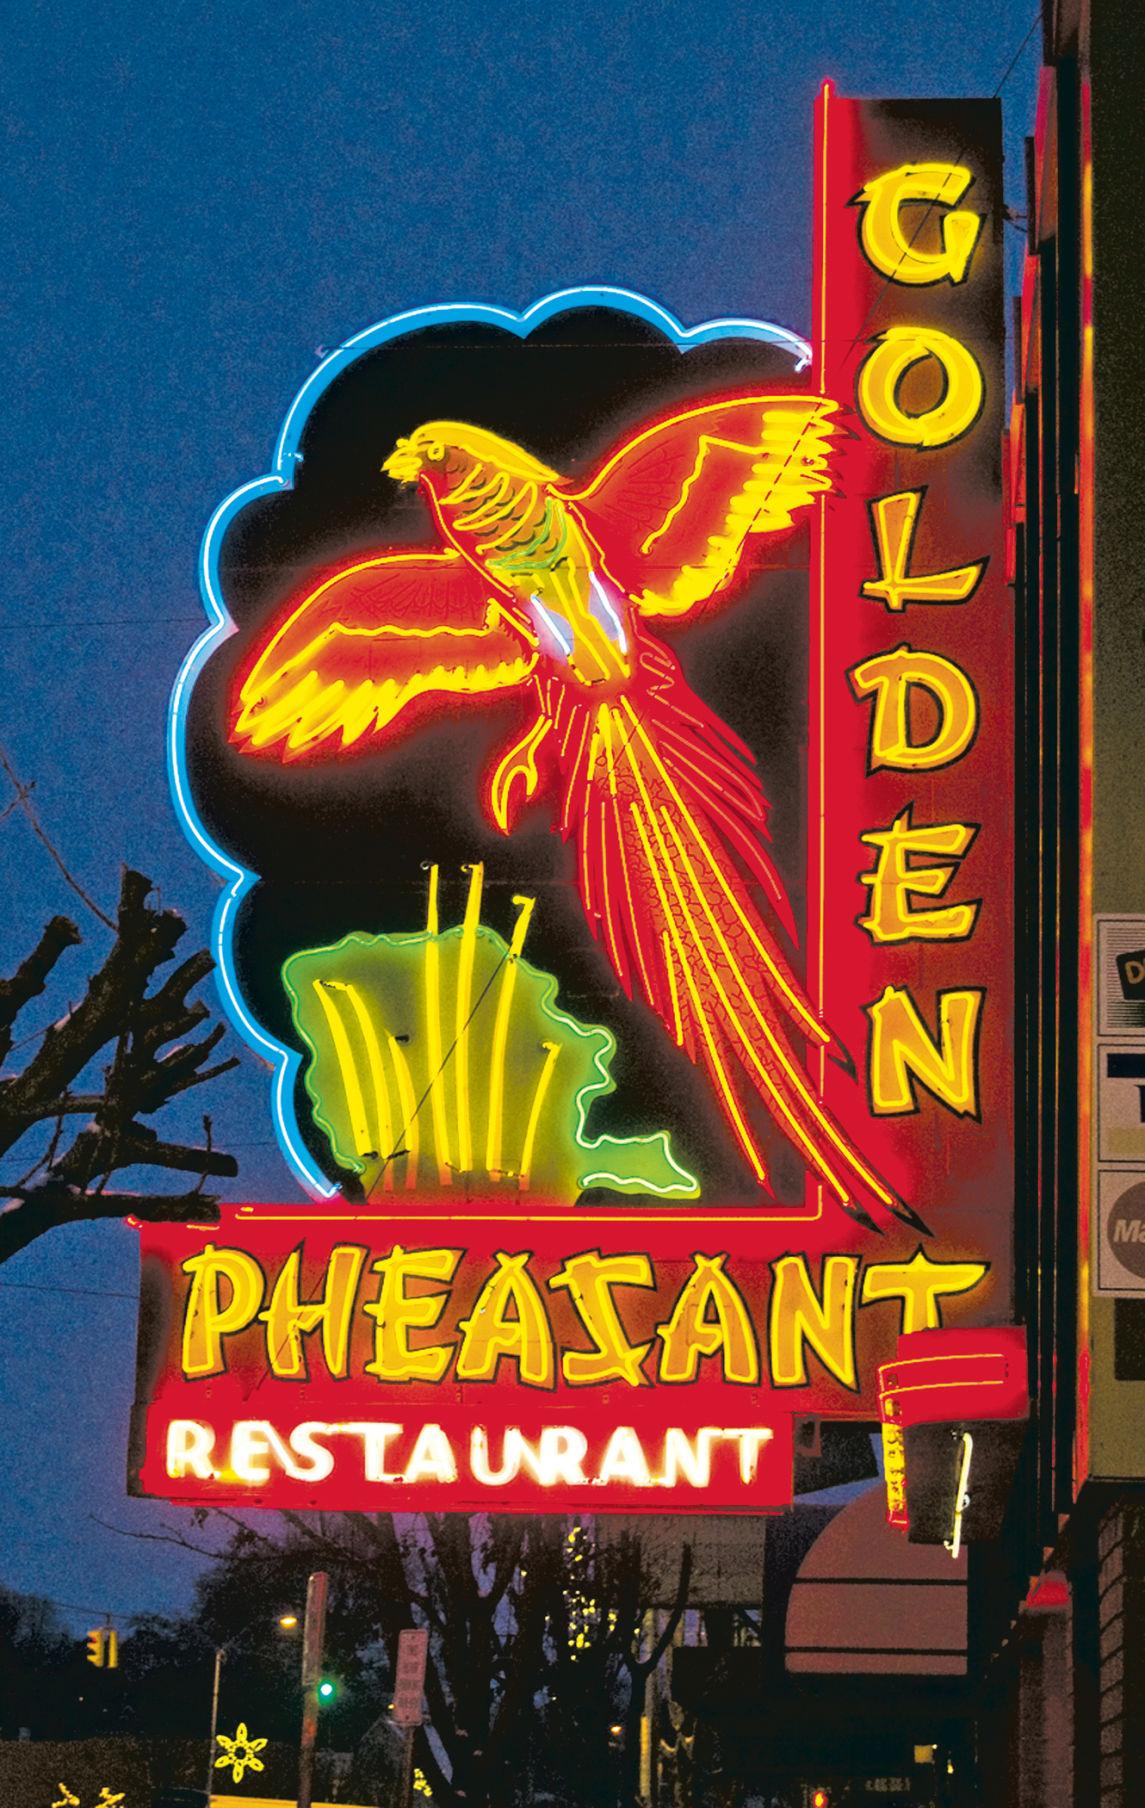 Jan 1, 2010 — Pheasant Closed